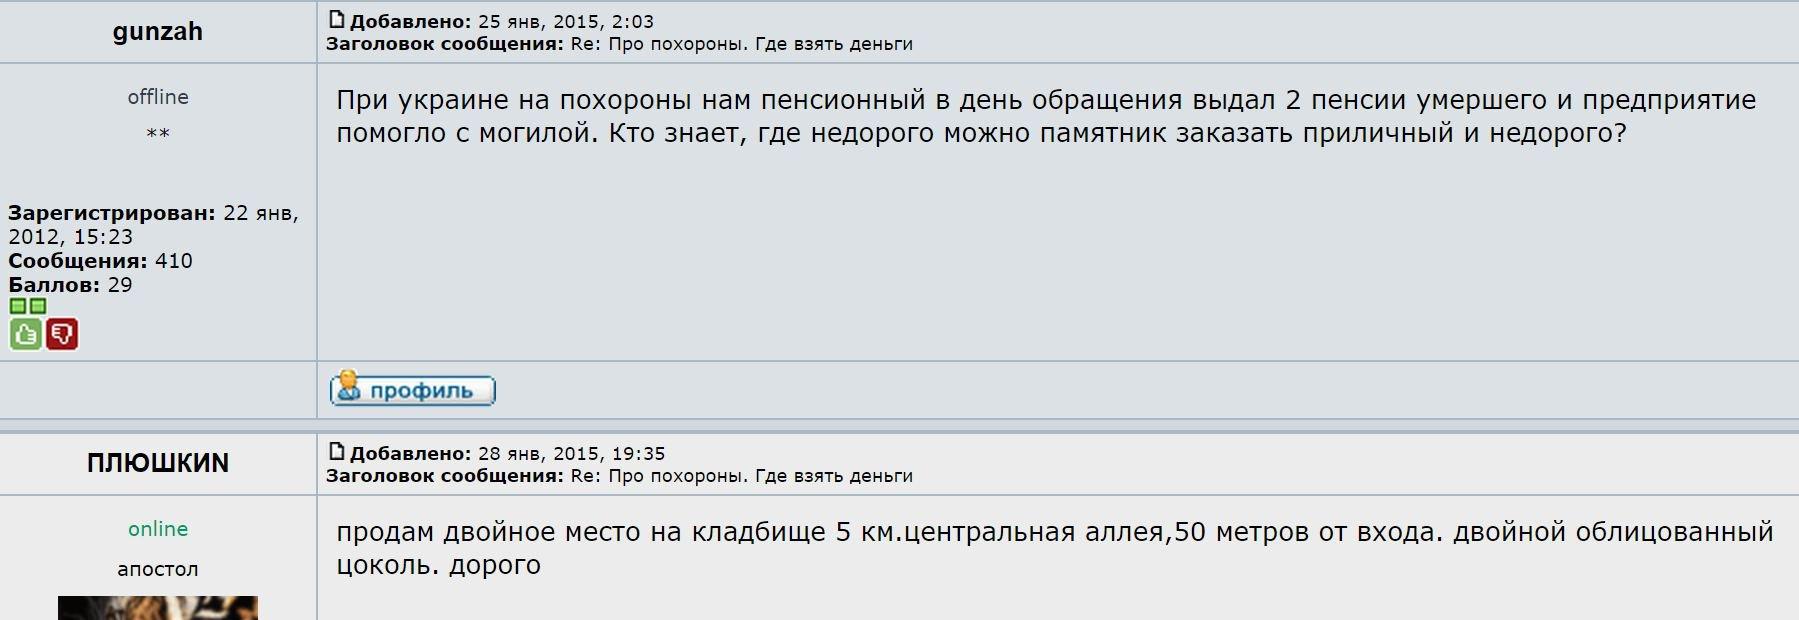 В Крыму не осталось украиноязычных печатных СМИ, - Лутковская - Цензор.НЕТ 9800